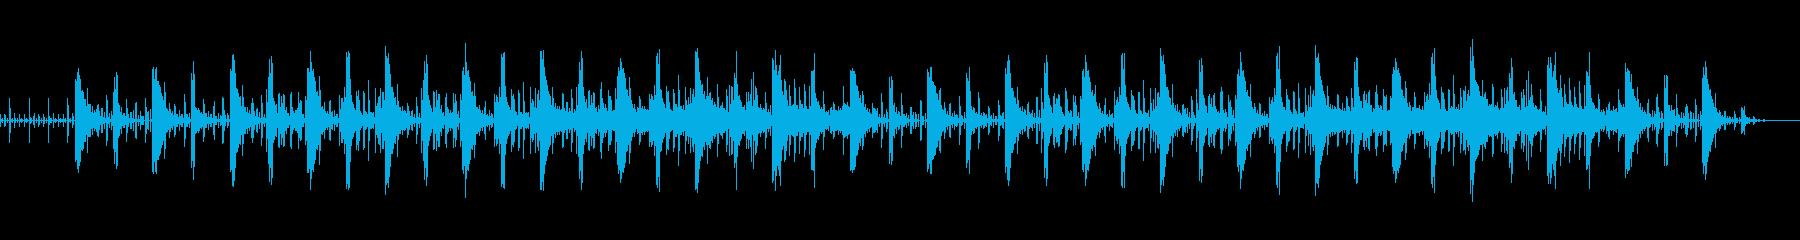 怪しい雰囲気のゲームBGMの再生済みの波形